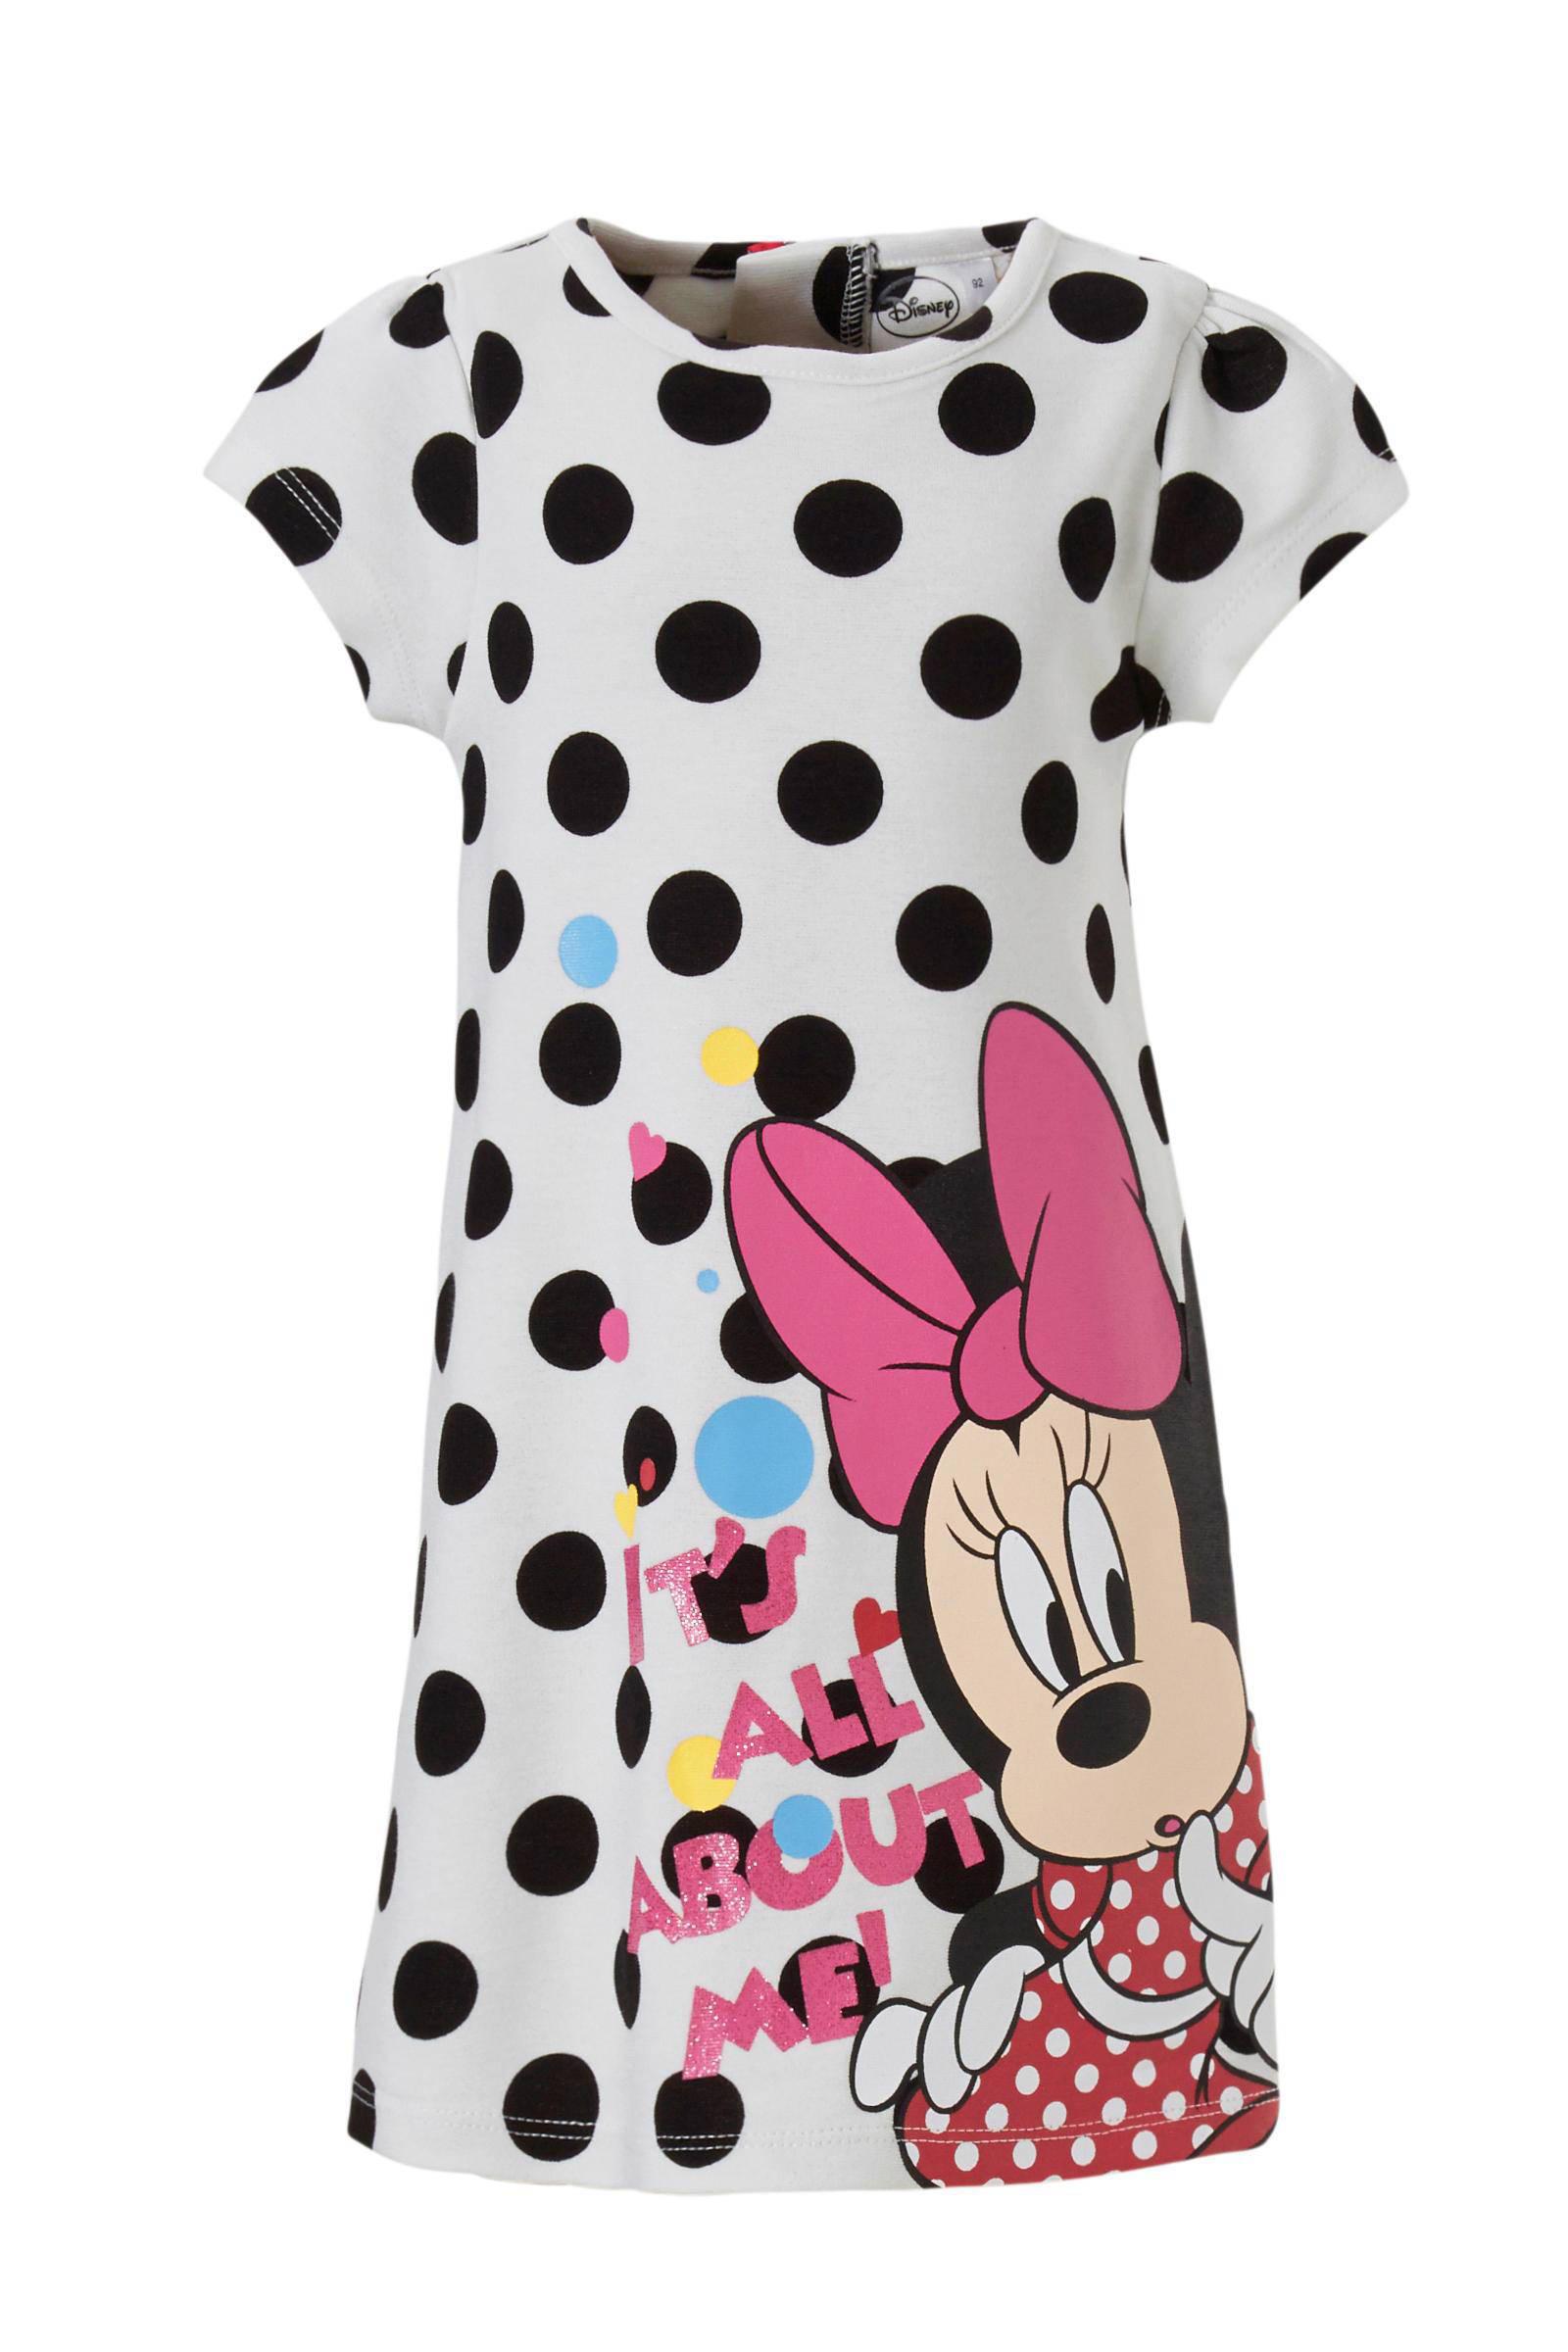 C C amp;a Mouse DisneyMinnie JurkWehkamp JurkWehkamp DisneyMinnie Mouse amp;a C amp;a DisneyMinnie 8OPNwnk0X